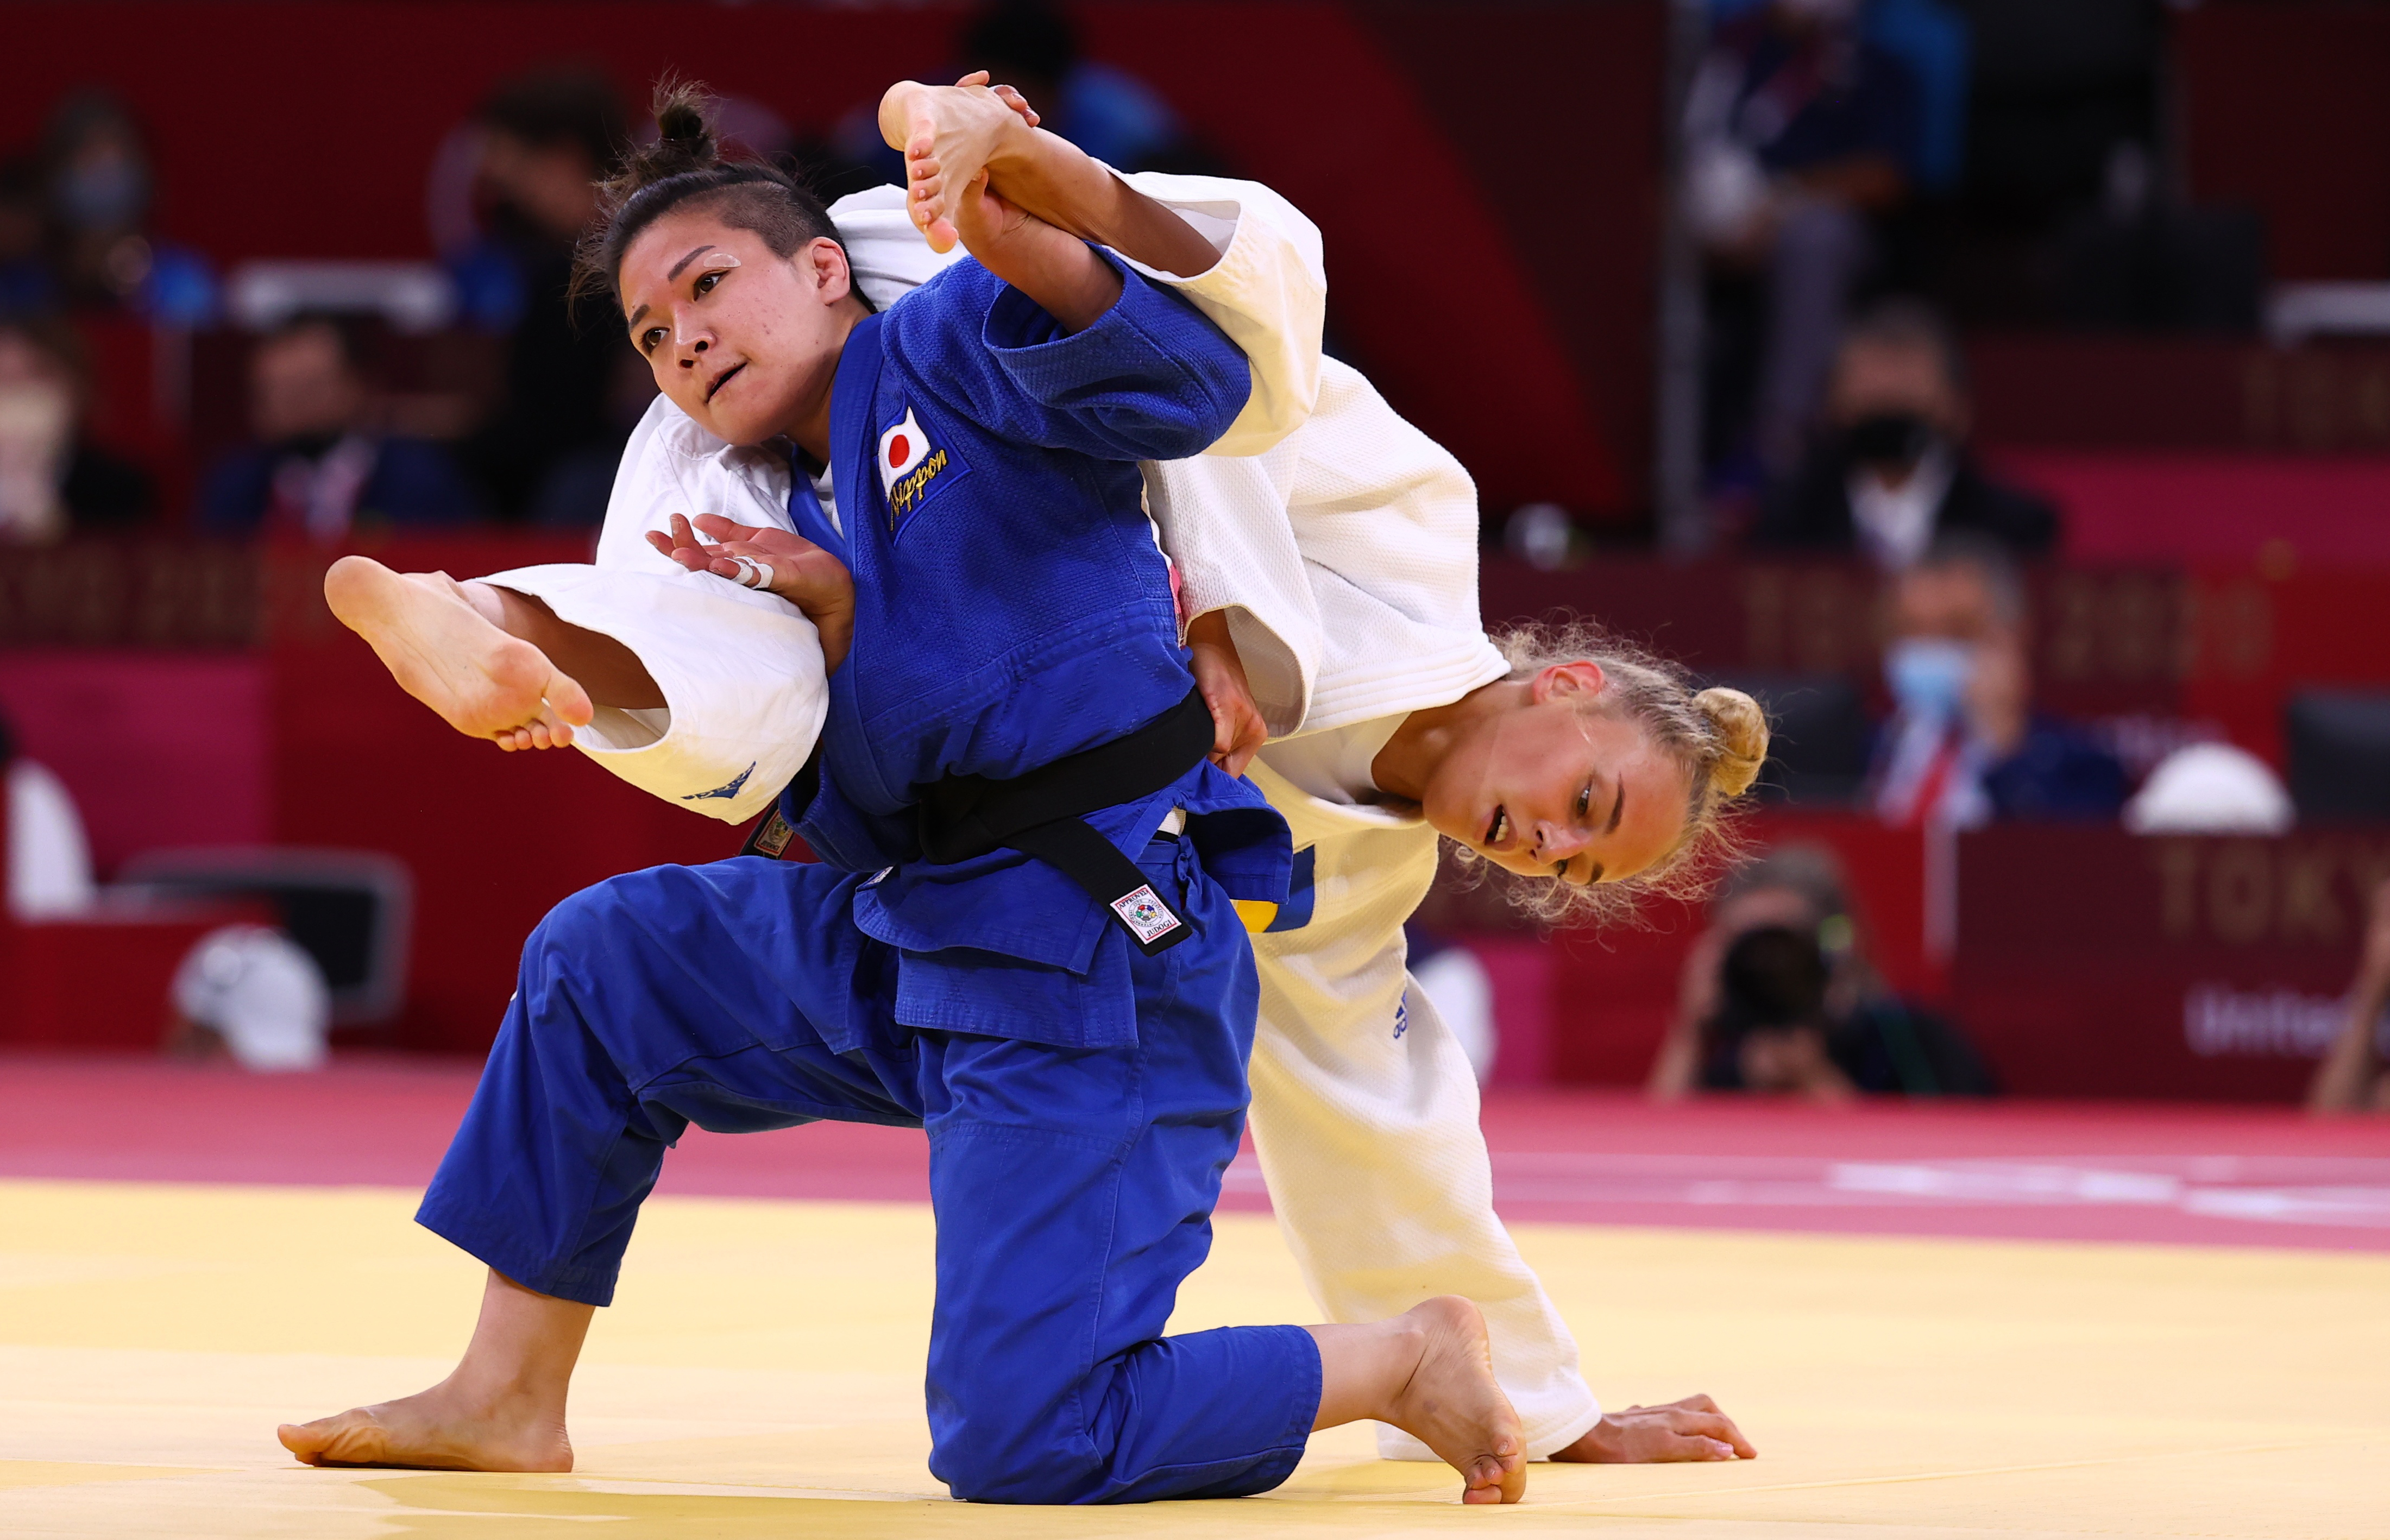 Tokyo 2020 Olympics - Judo -  Women's 48kg - Semifinal - Nippon Budokan - Tokyo, Japan - July 24, 2021. Daria Bilodid of Ukraine in action against Funa Tonaki of Japan REUTERS/Sergio Perez